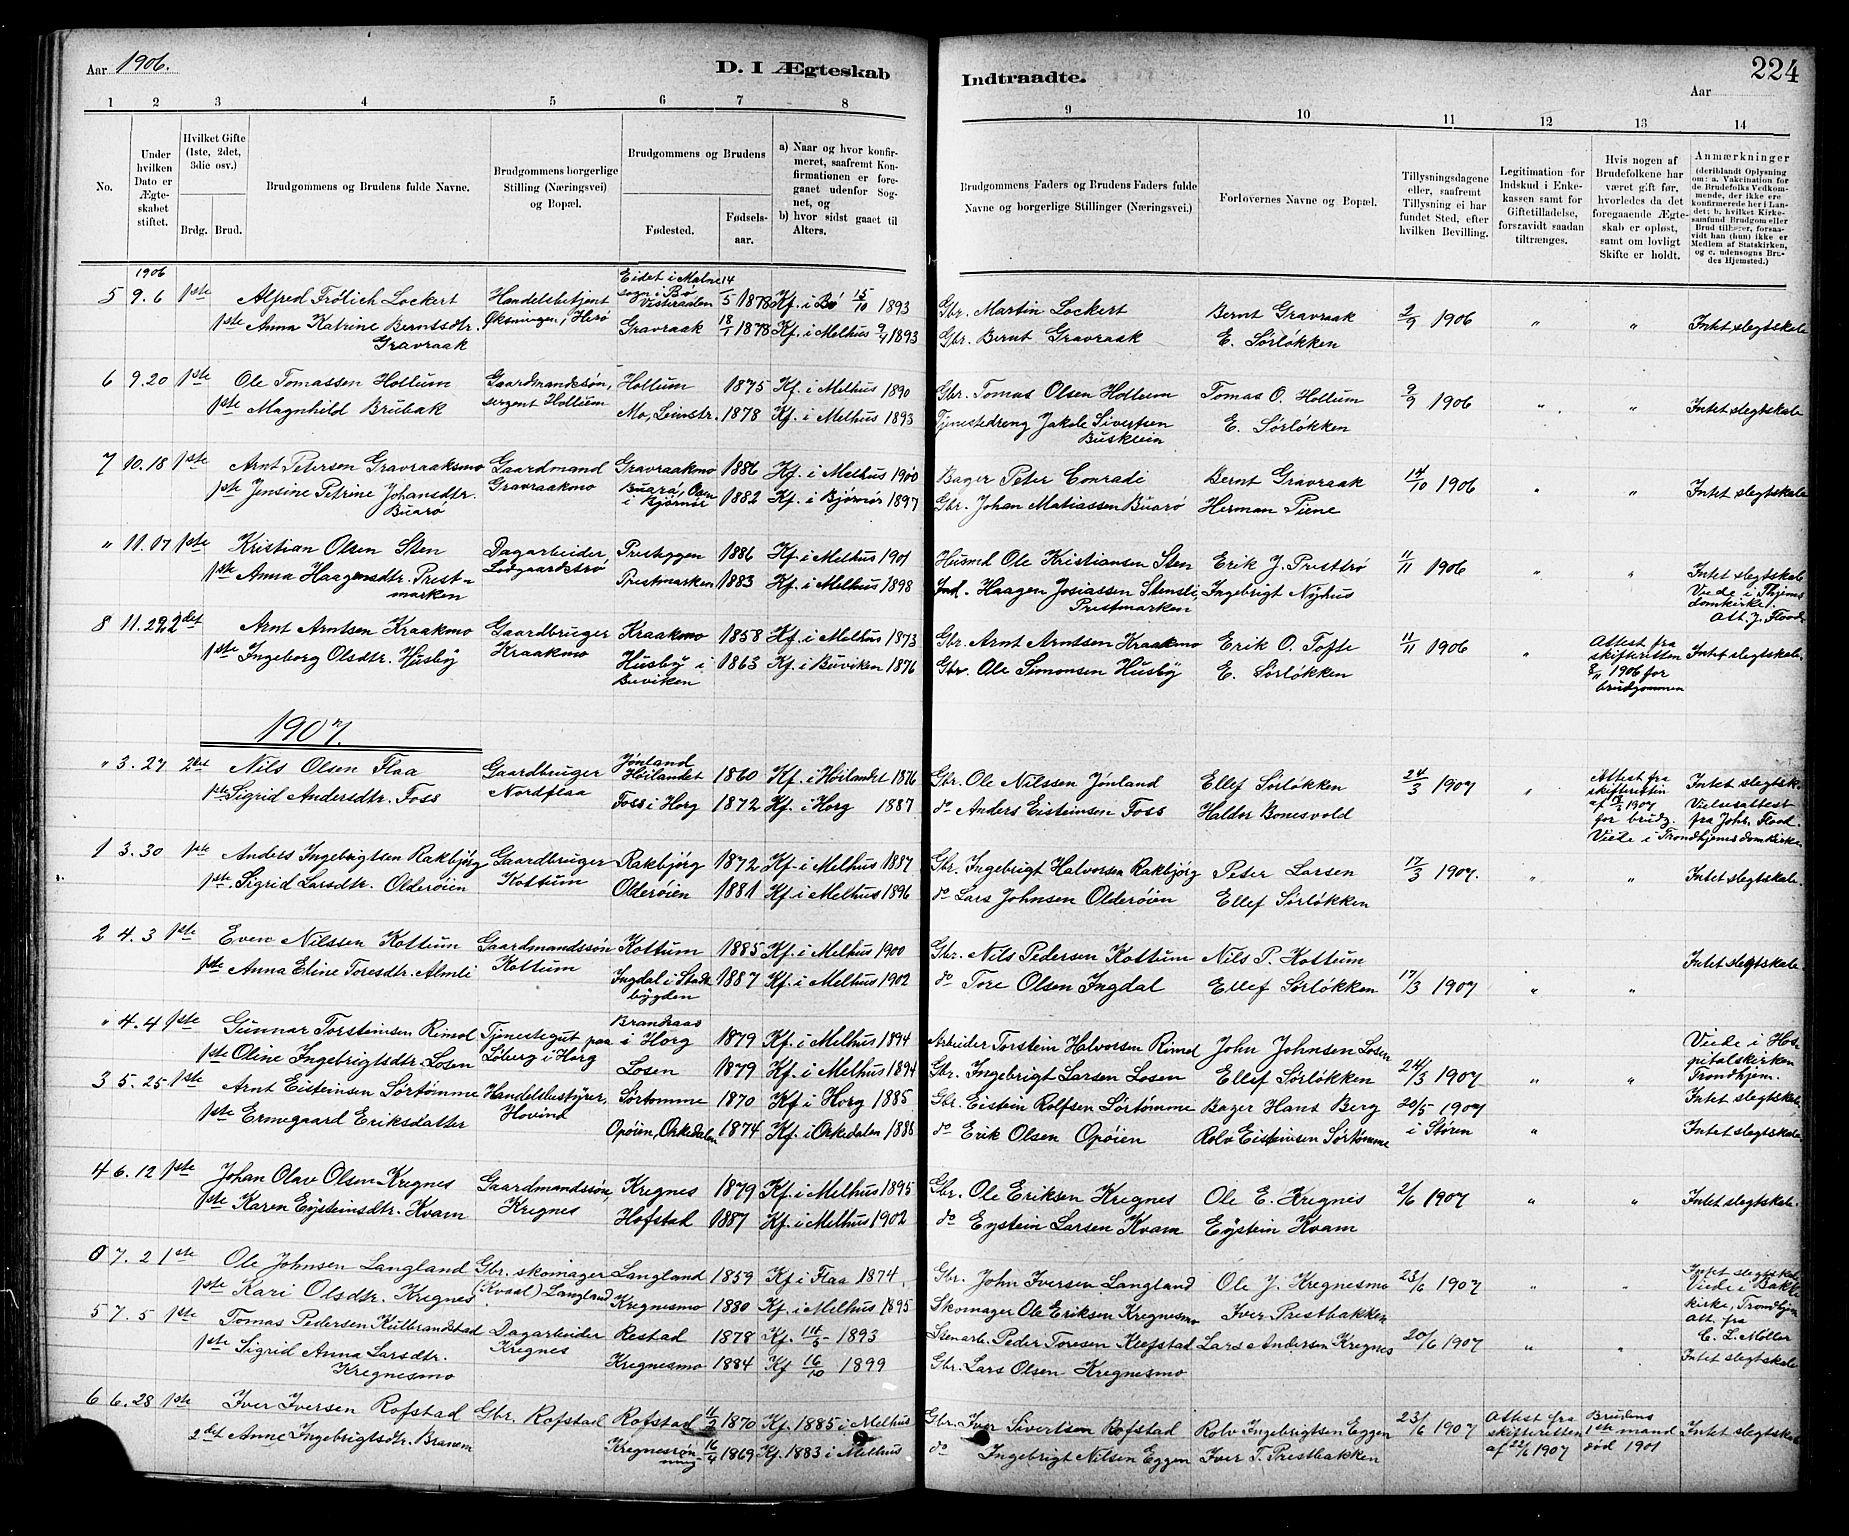 SAT, Ministerialprotokoller, klokkerbøker og fødselsregistre - Sør-Trøndelag, 691/L1094: Klokkerbok nr. 691C05, 1879-1911, s. 224